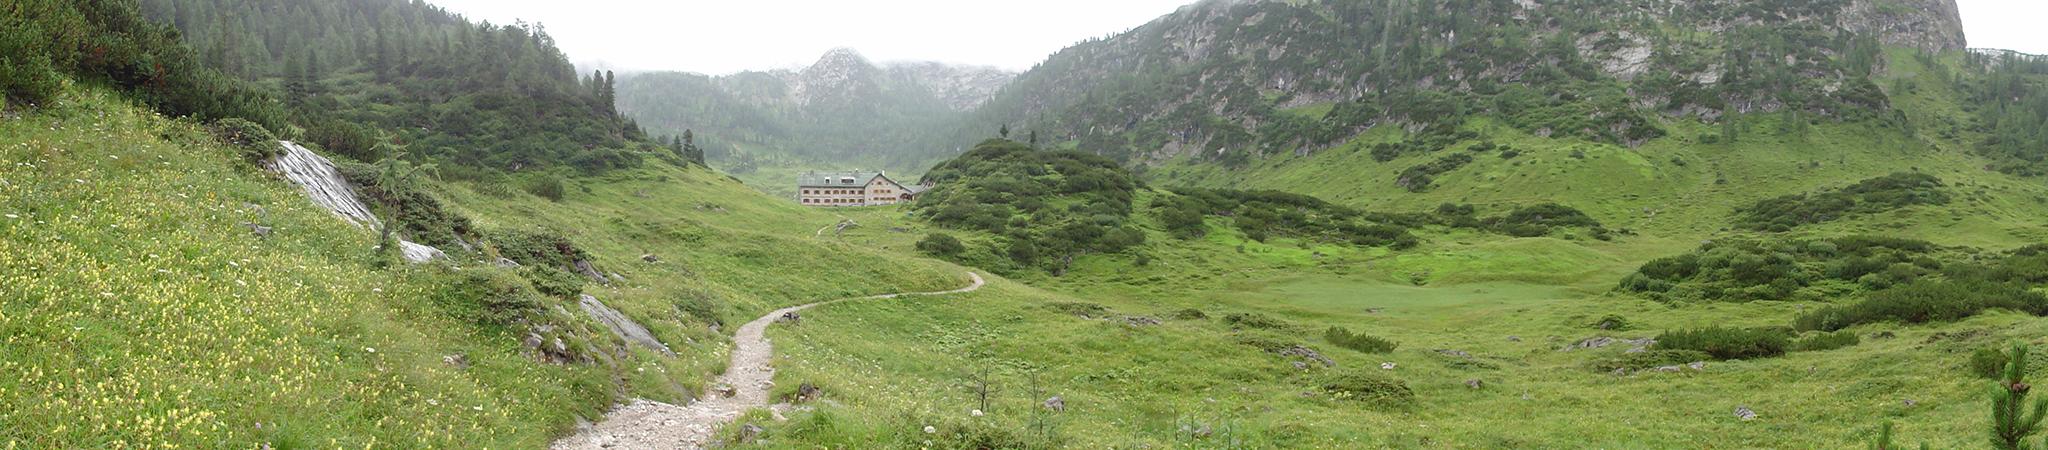 Arnoweg: Das Kärlinger Haus am Funtensee im Steinernen Meer